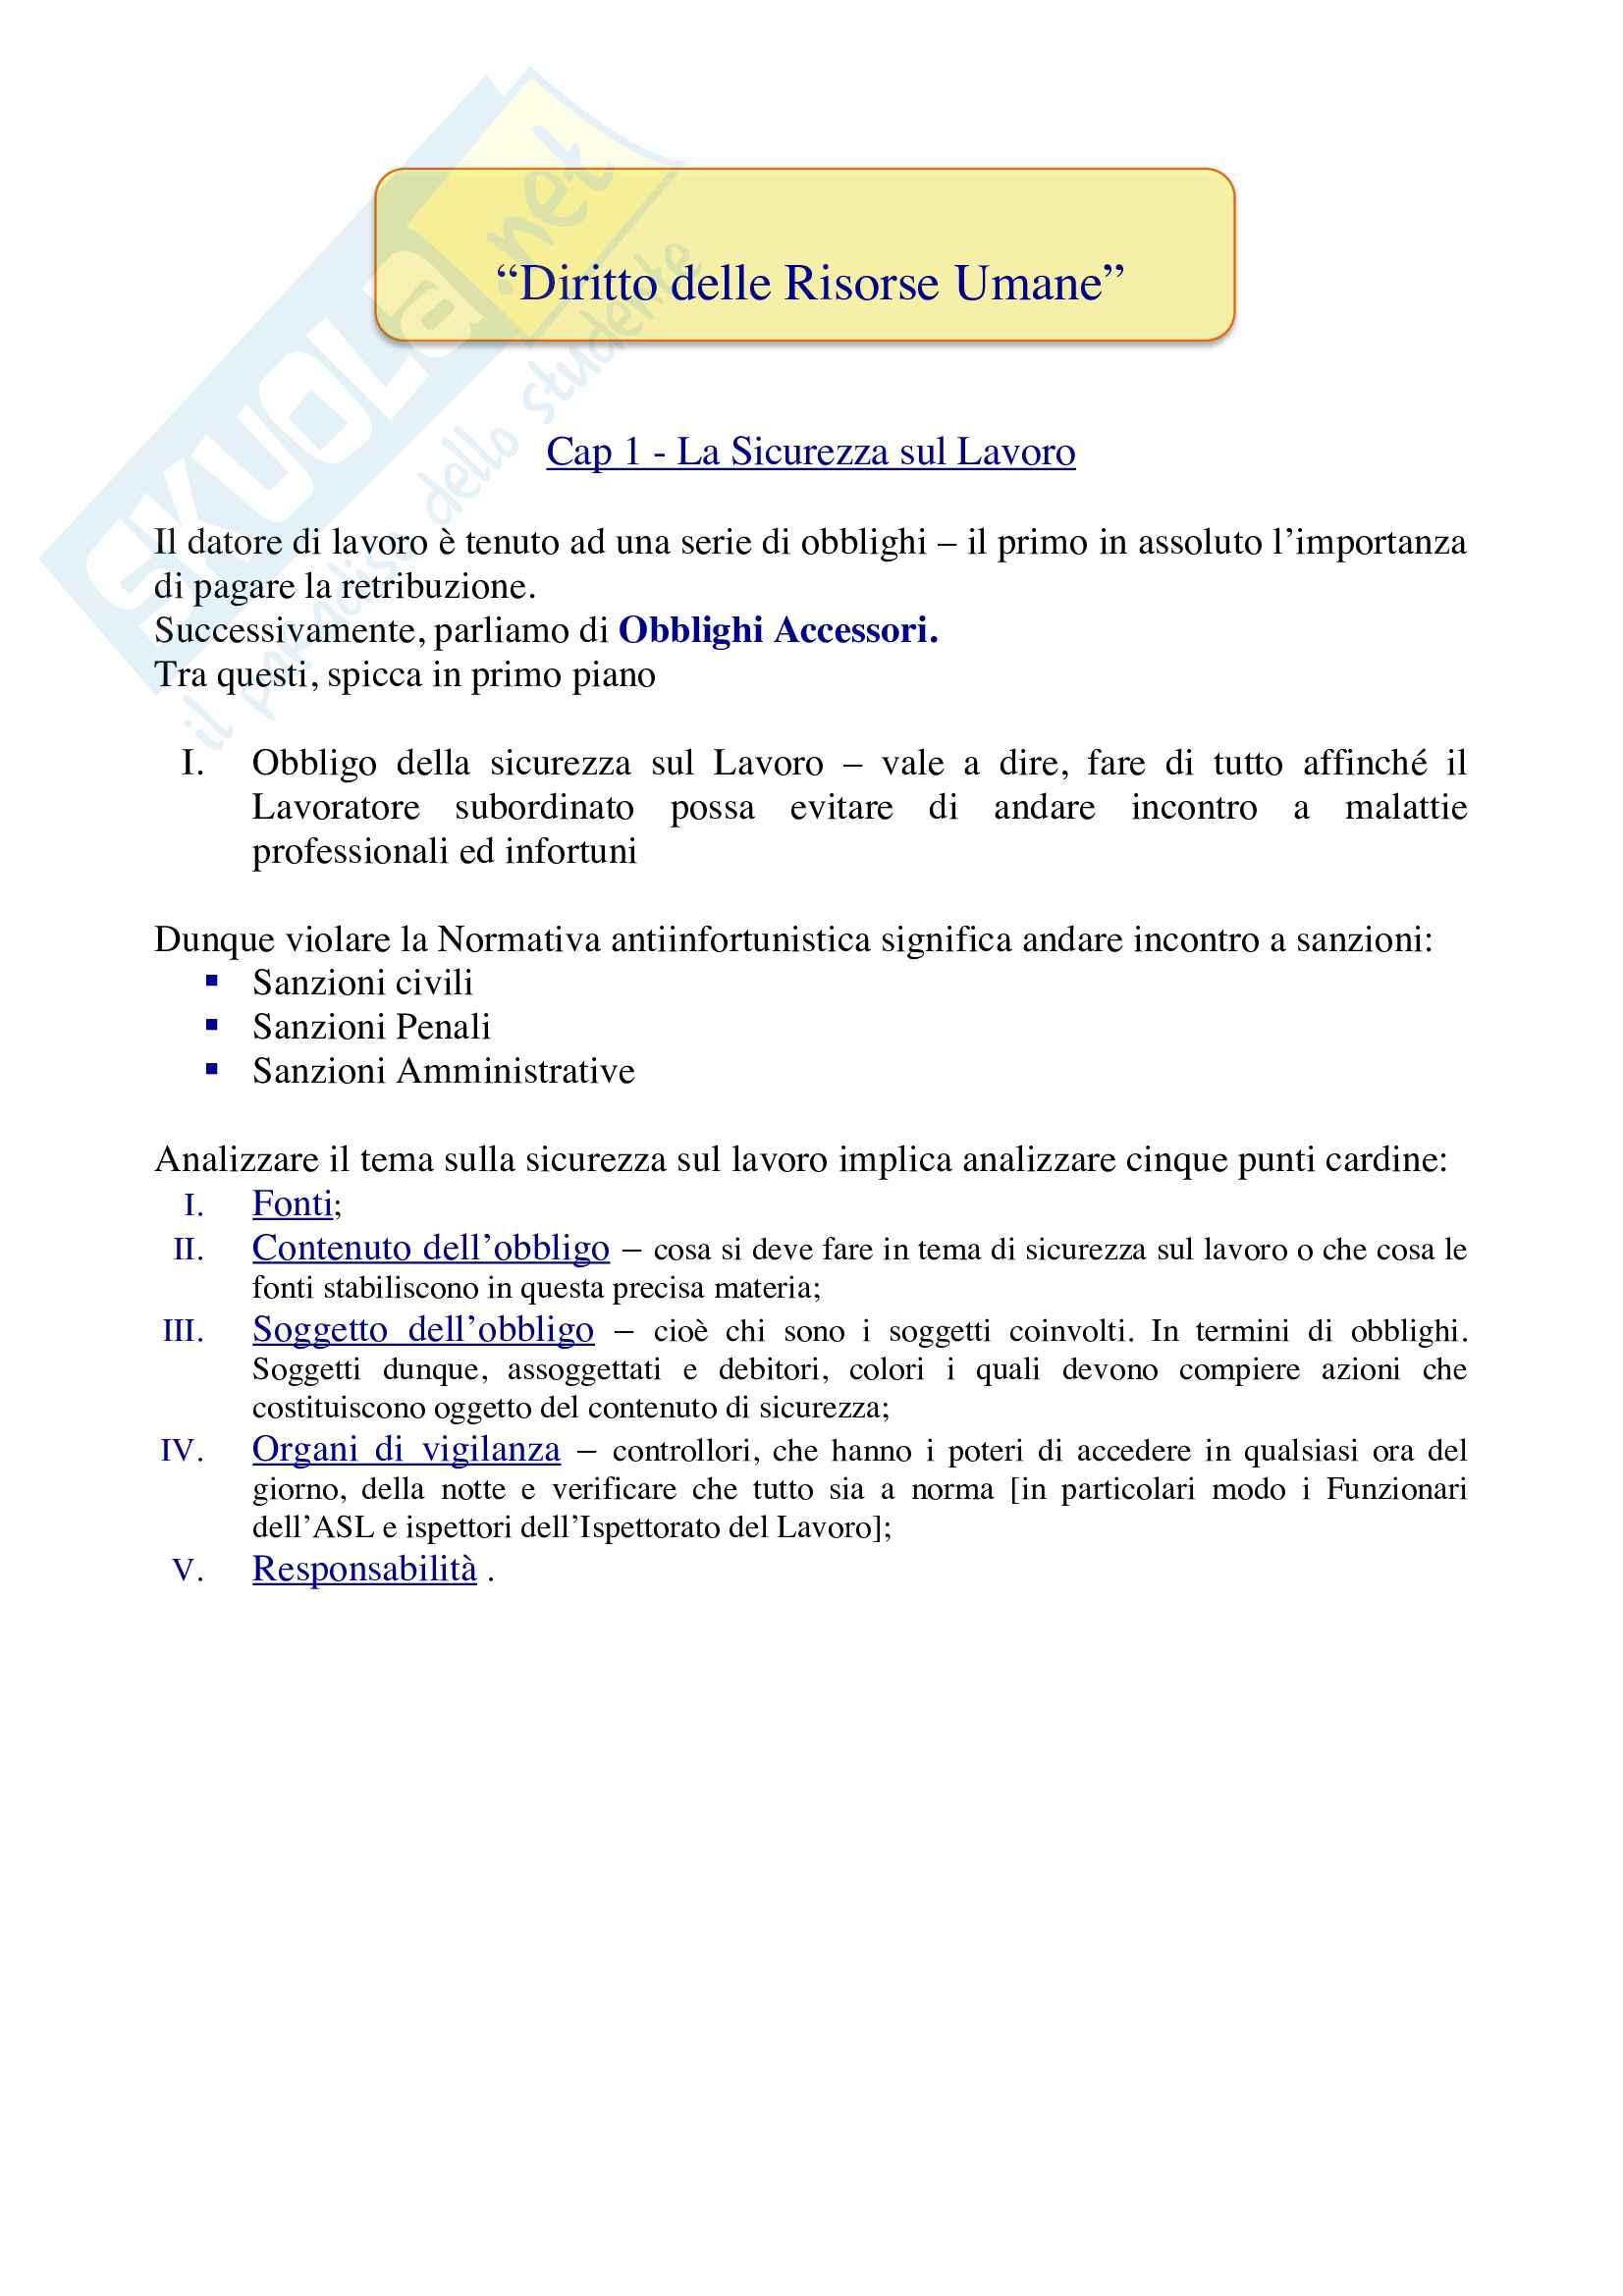 Appunti di diritto delle risorse umane